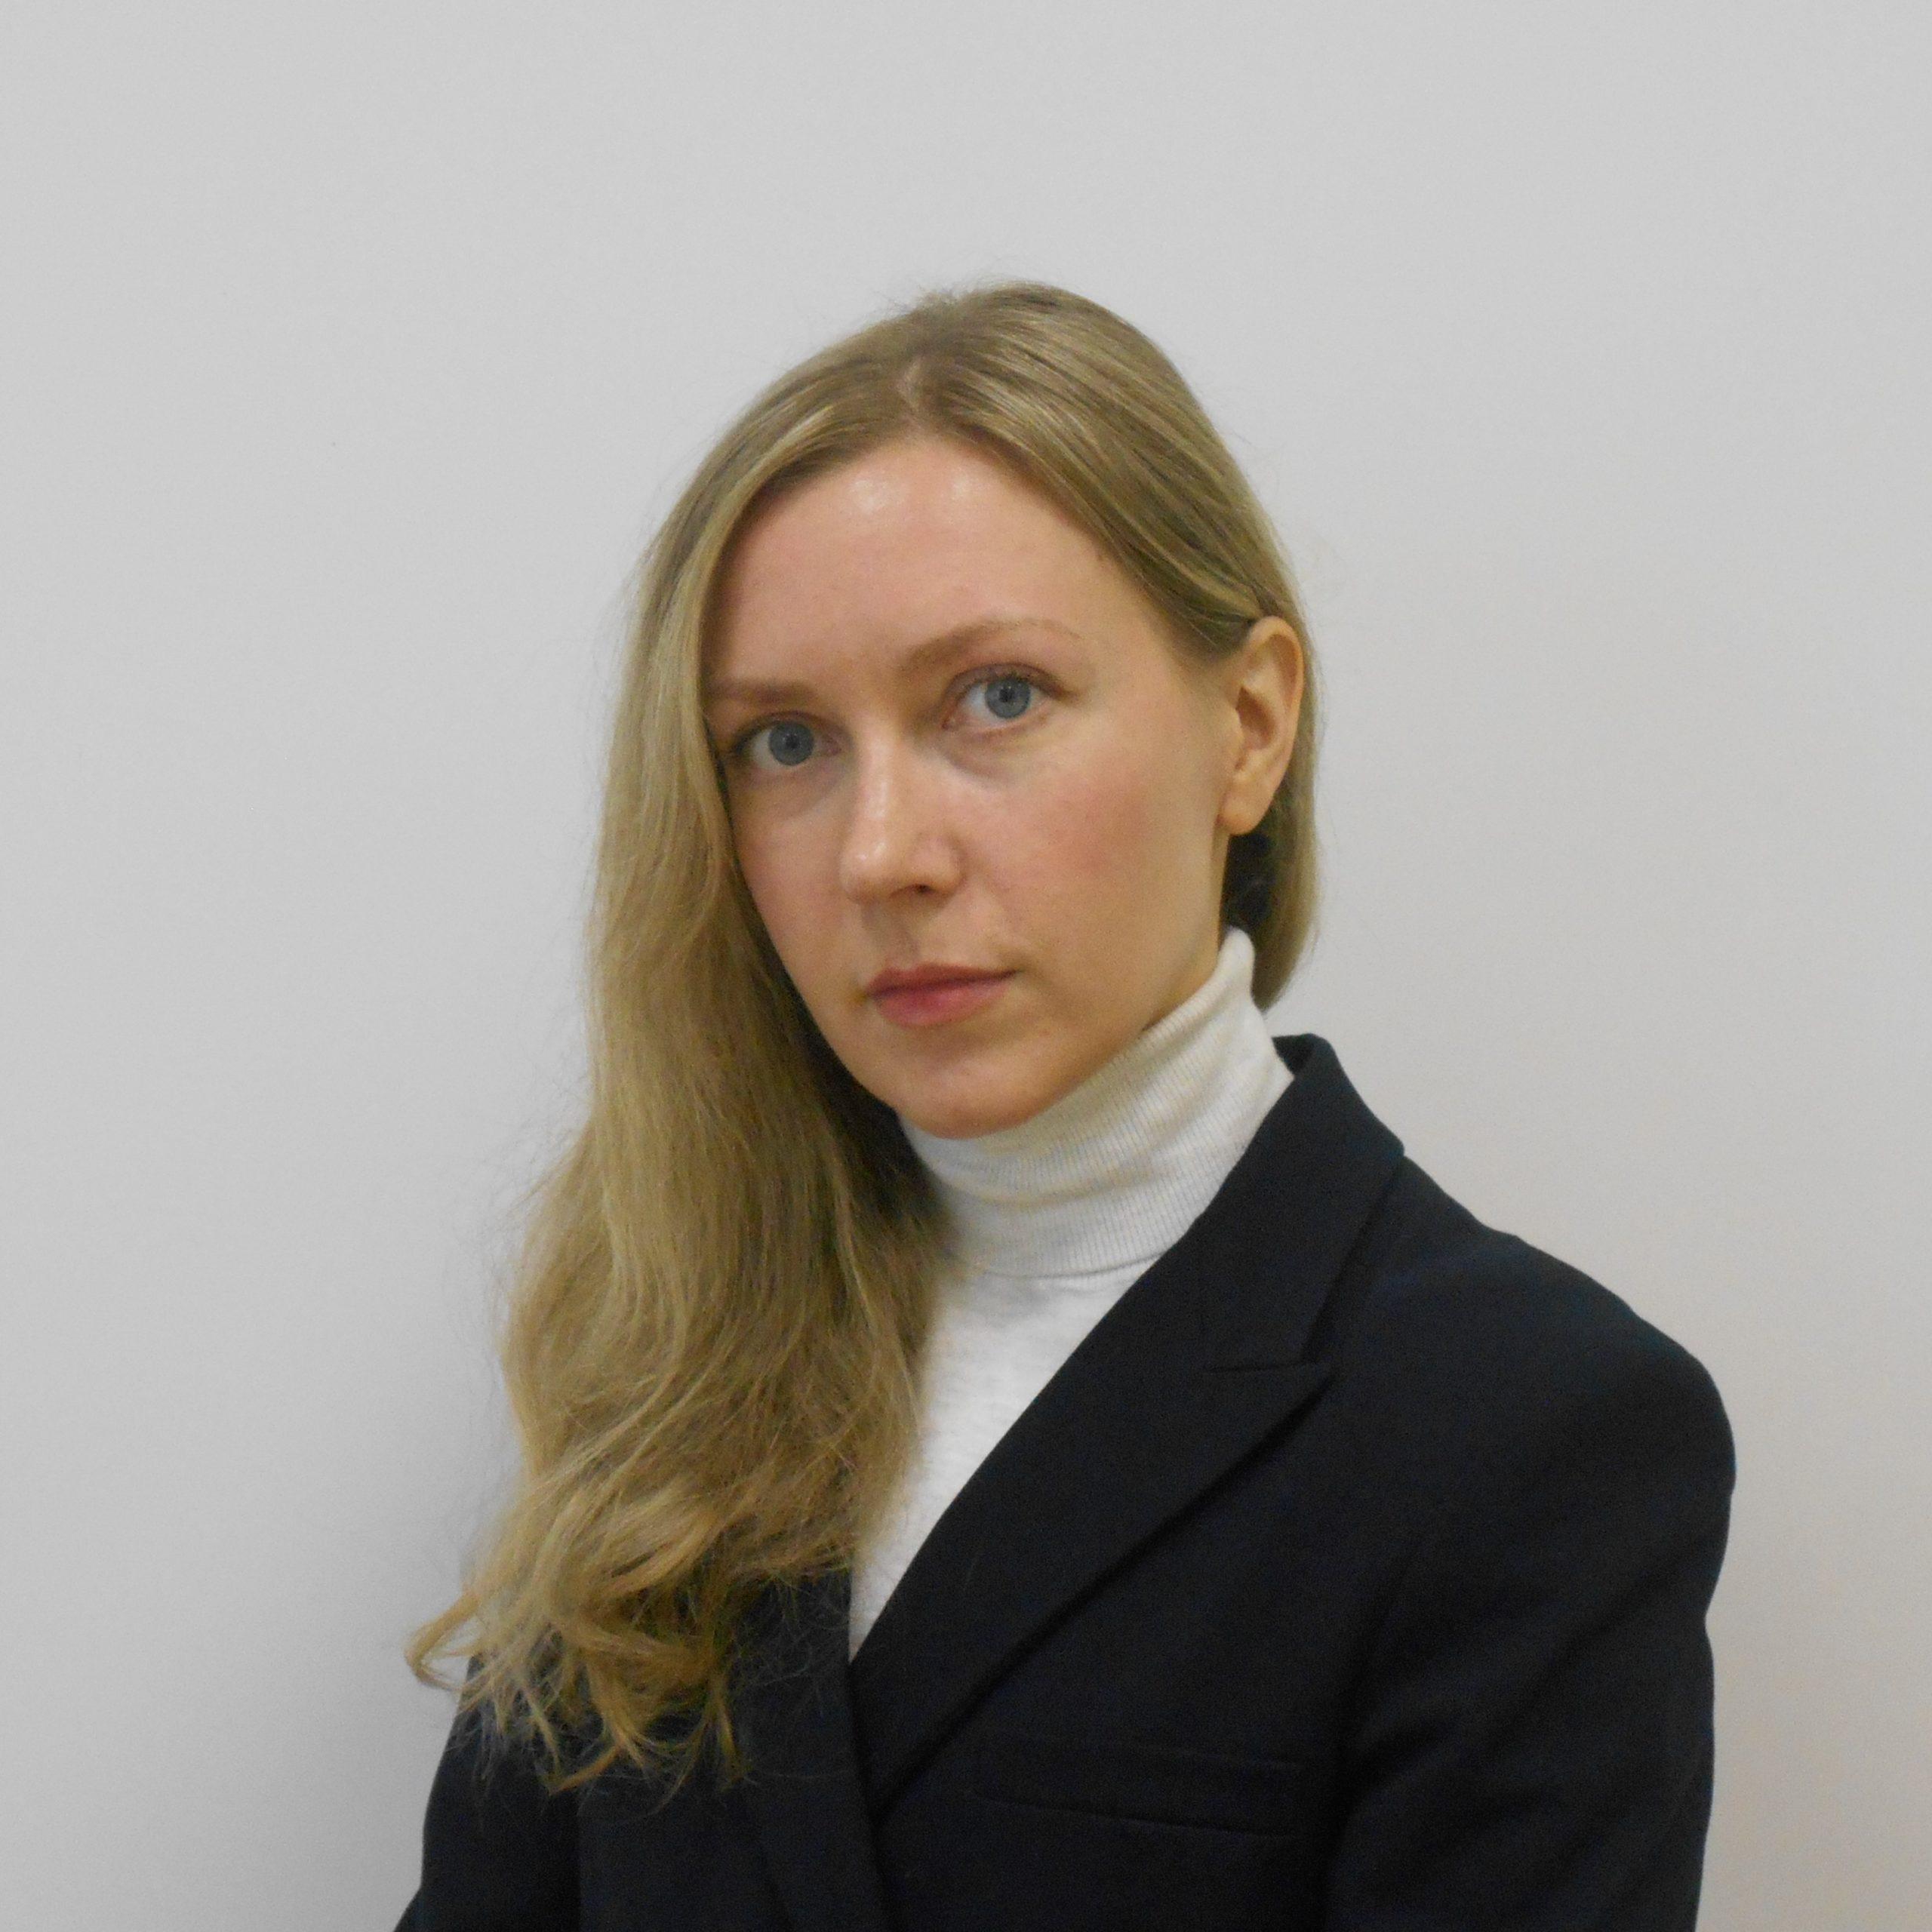 Буланова Ирина Сергеевна